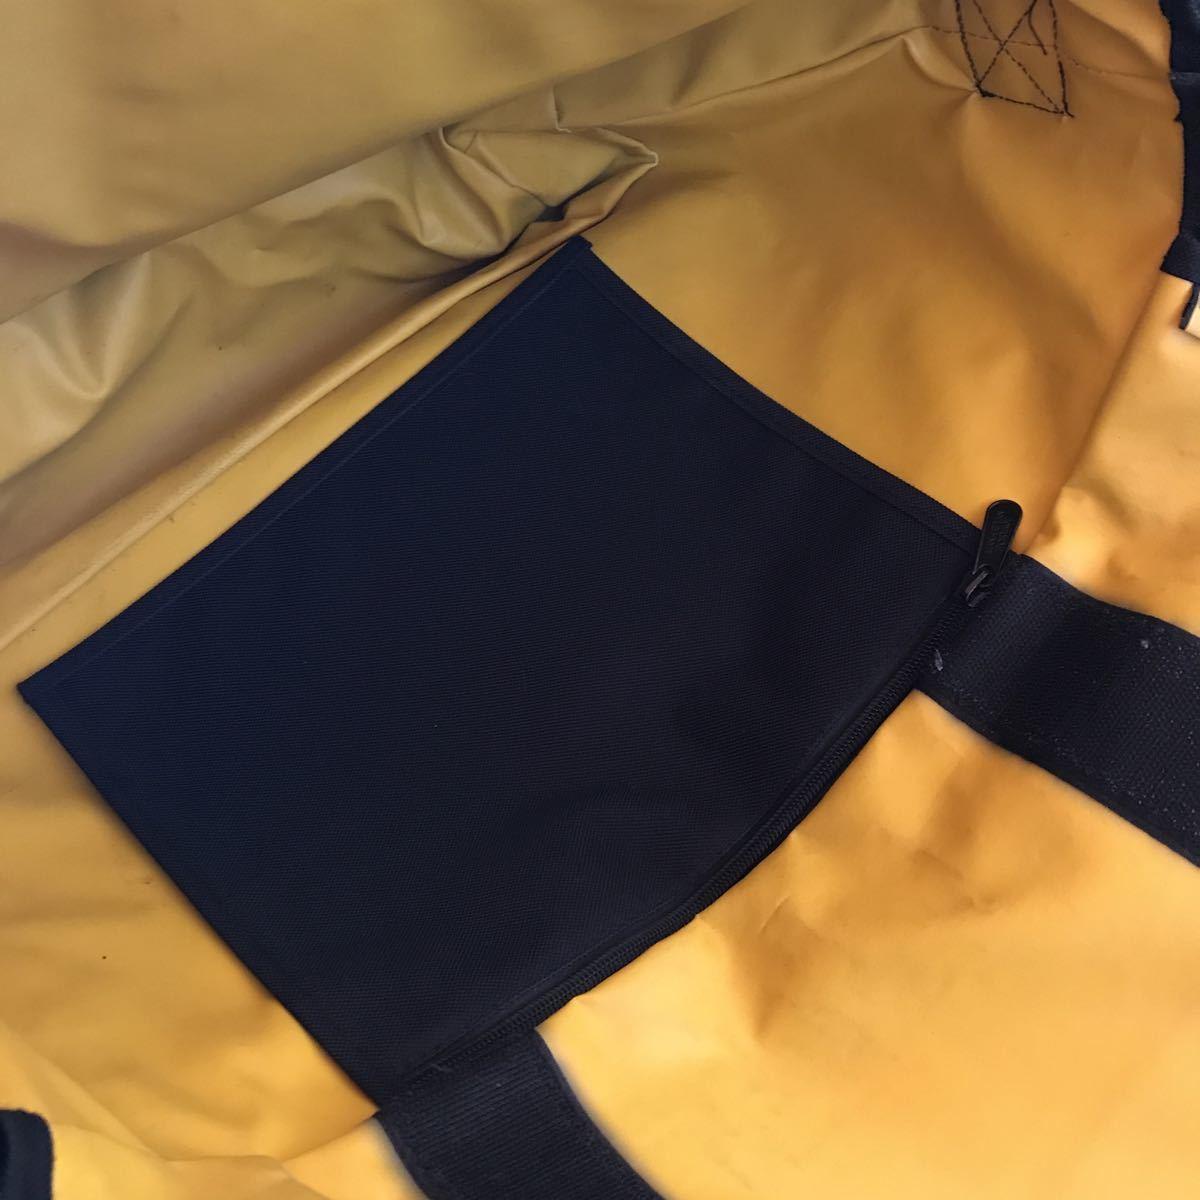 マンハッタンポーテージ メッセンジャーバッグ ショルダーバッグ 防水 Manhattan Portage 鞄 バッグ ピスト ロードバイク自転車 イエロー黒_画像3